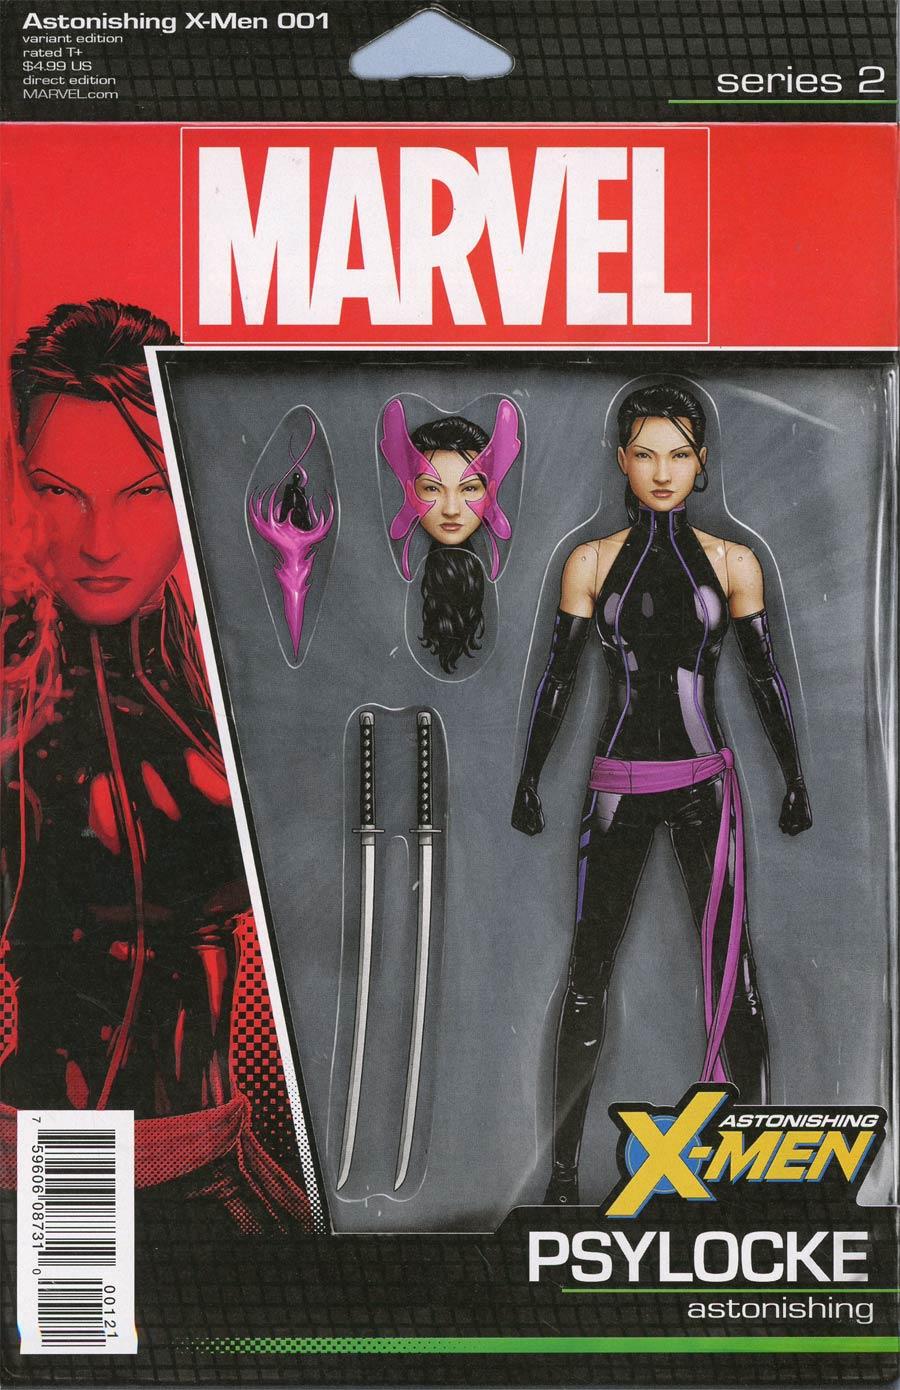 Astonishing X-Men Vol 4 #1 Cover B Variant John Tyler Christopher Action Figure Cover